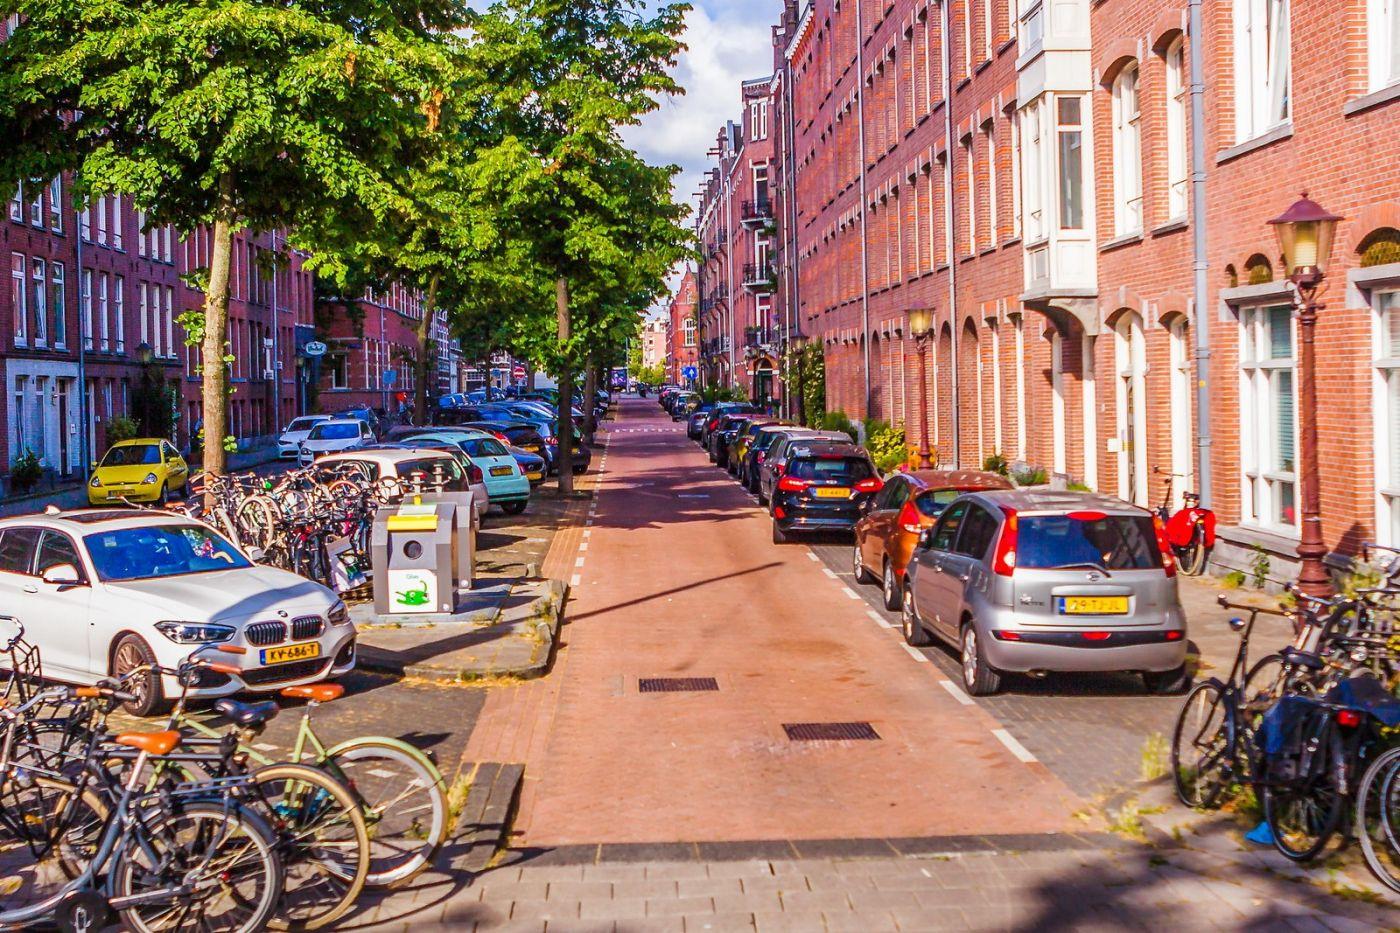 荷兰阿姆斯特丹,扫街随拍_图1-7